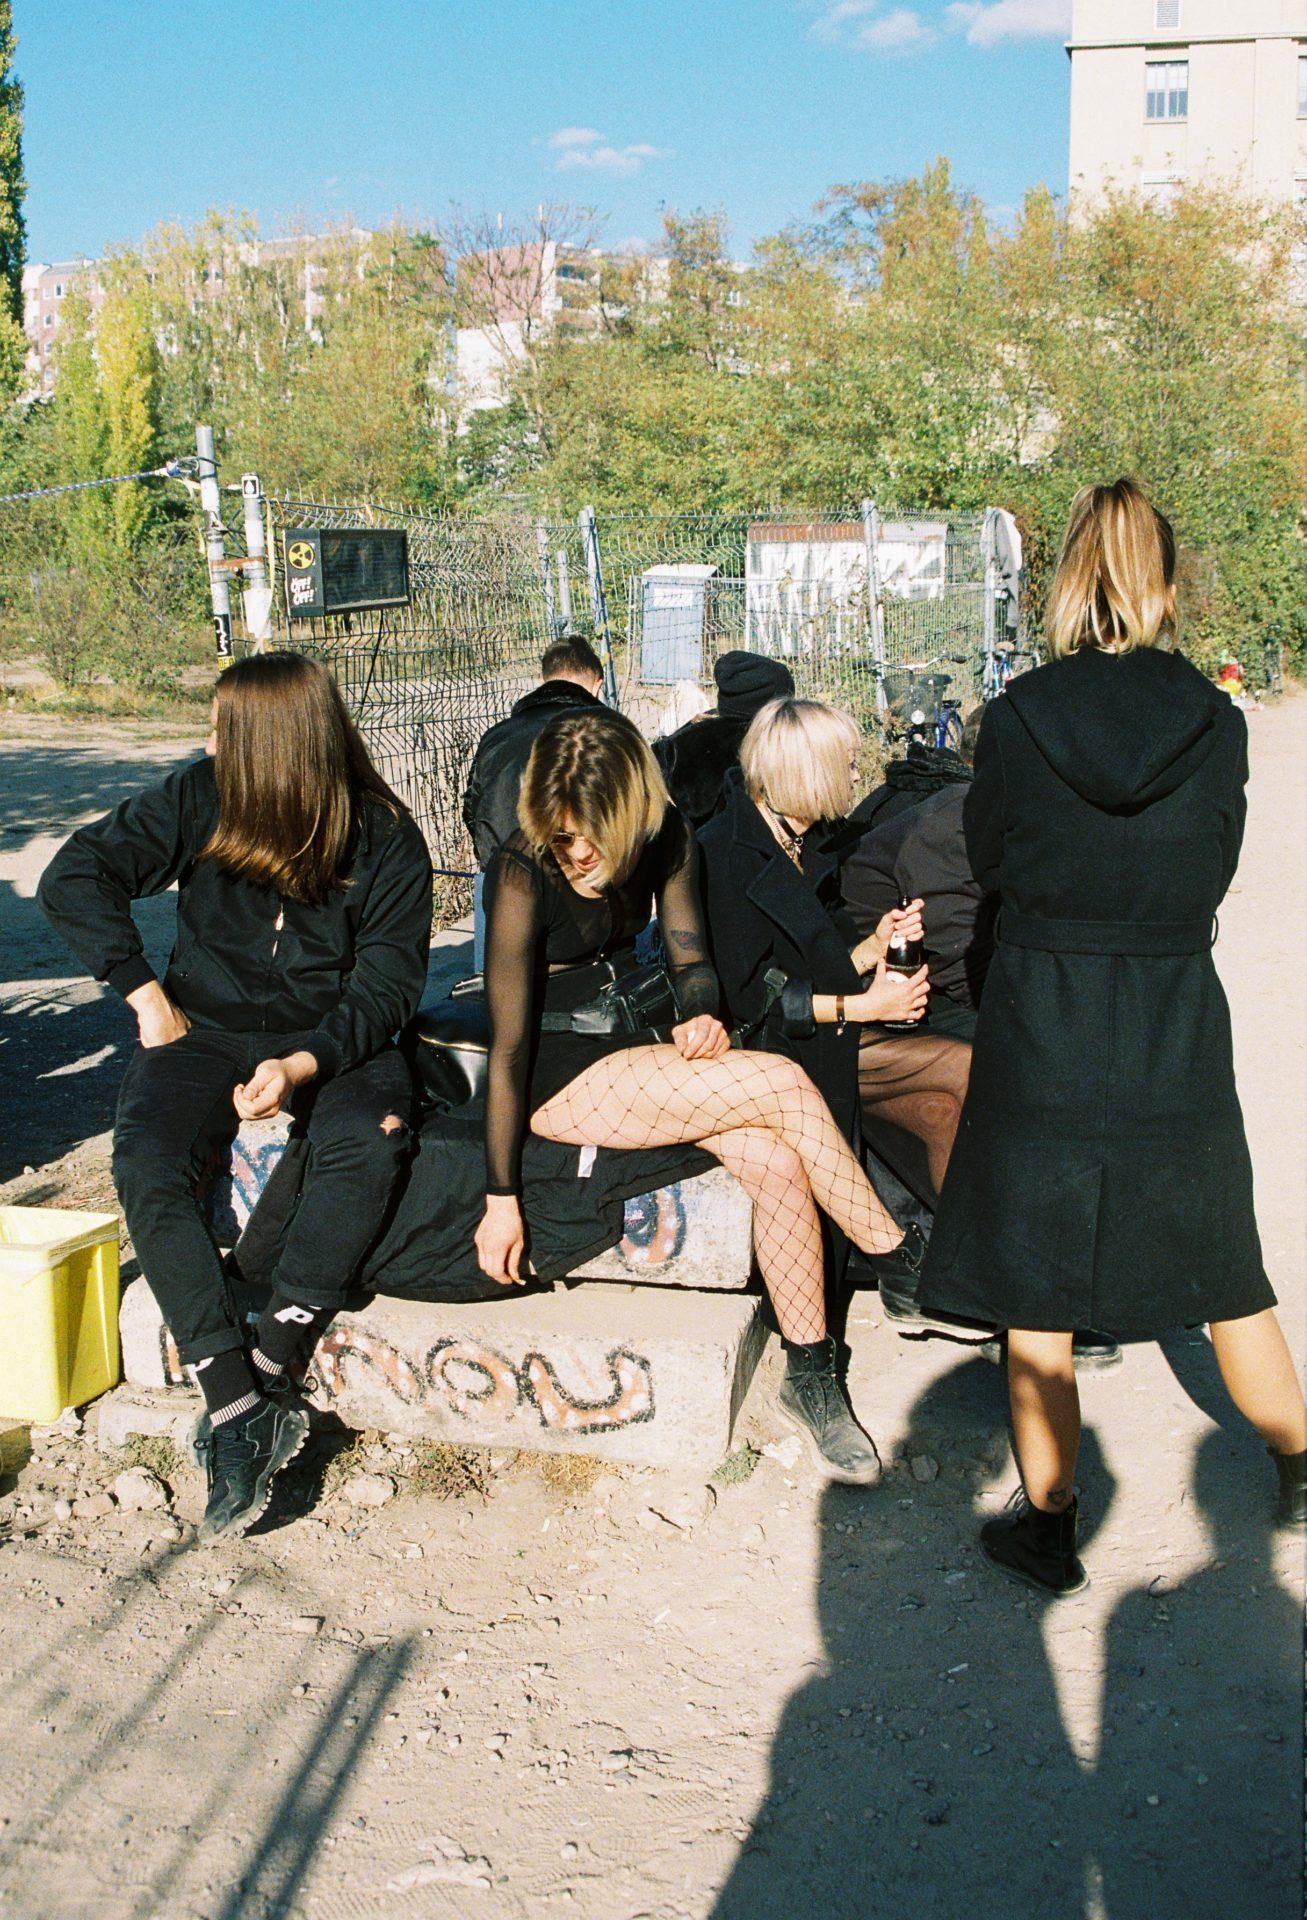 groupe de jeunes femmes habillées en noir, assises a l'extérieur Berlin